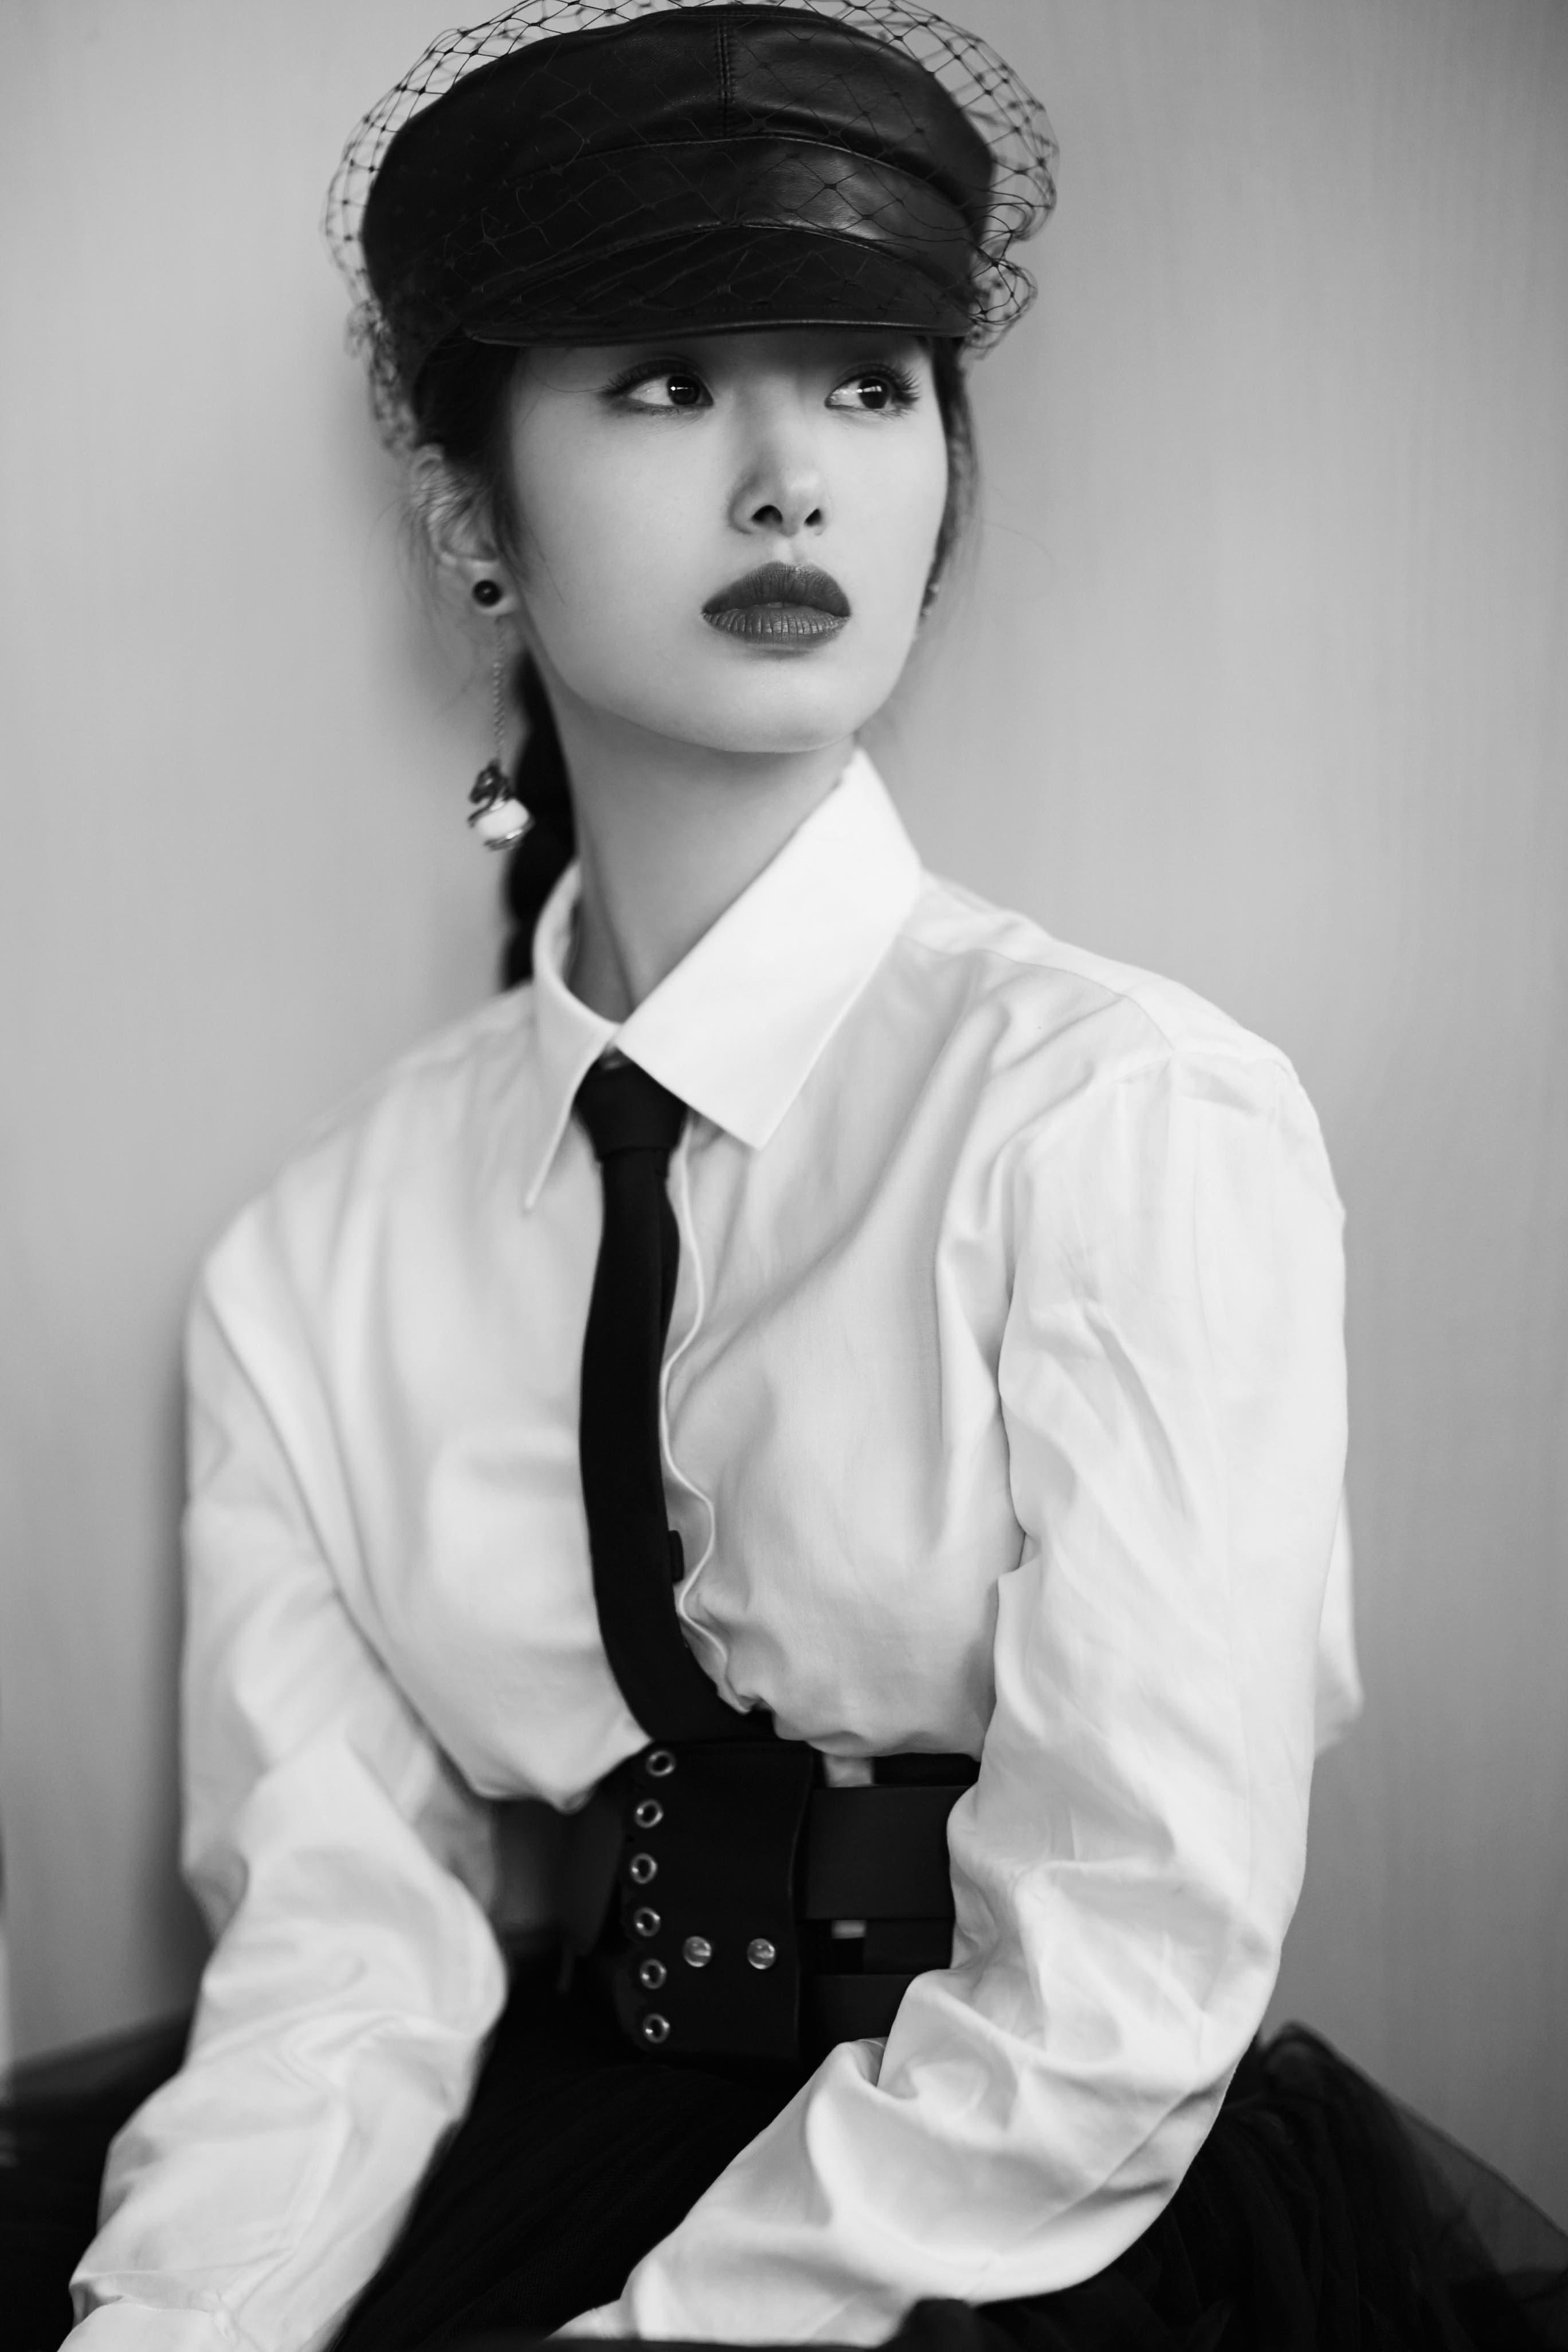 杨采钰英气亮相 经典国际范儿彰显酷帅格调